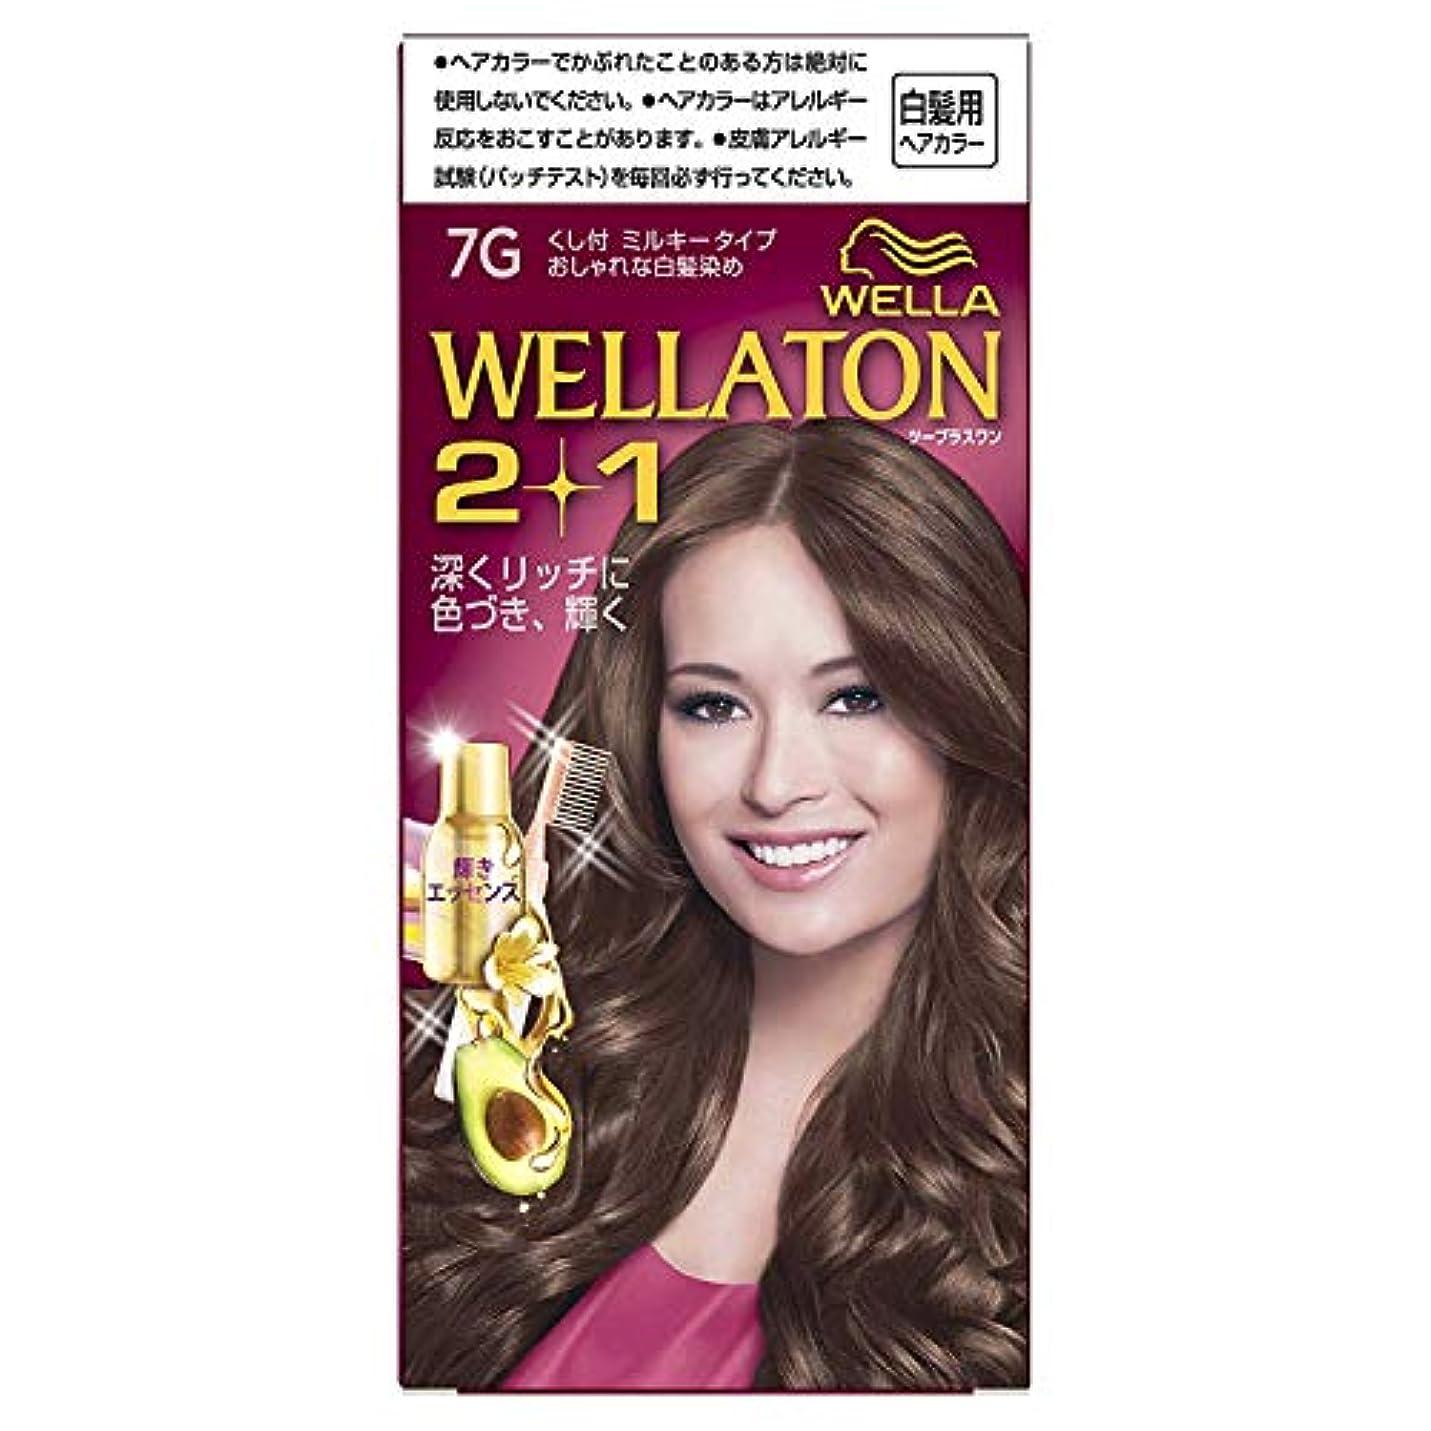 ウエラトーン2+1 白髪染め くし付ミルキータイプ 7G [医薬部外品] ×6個